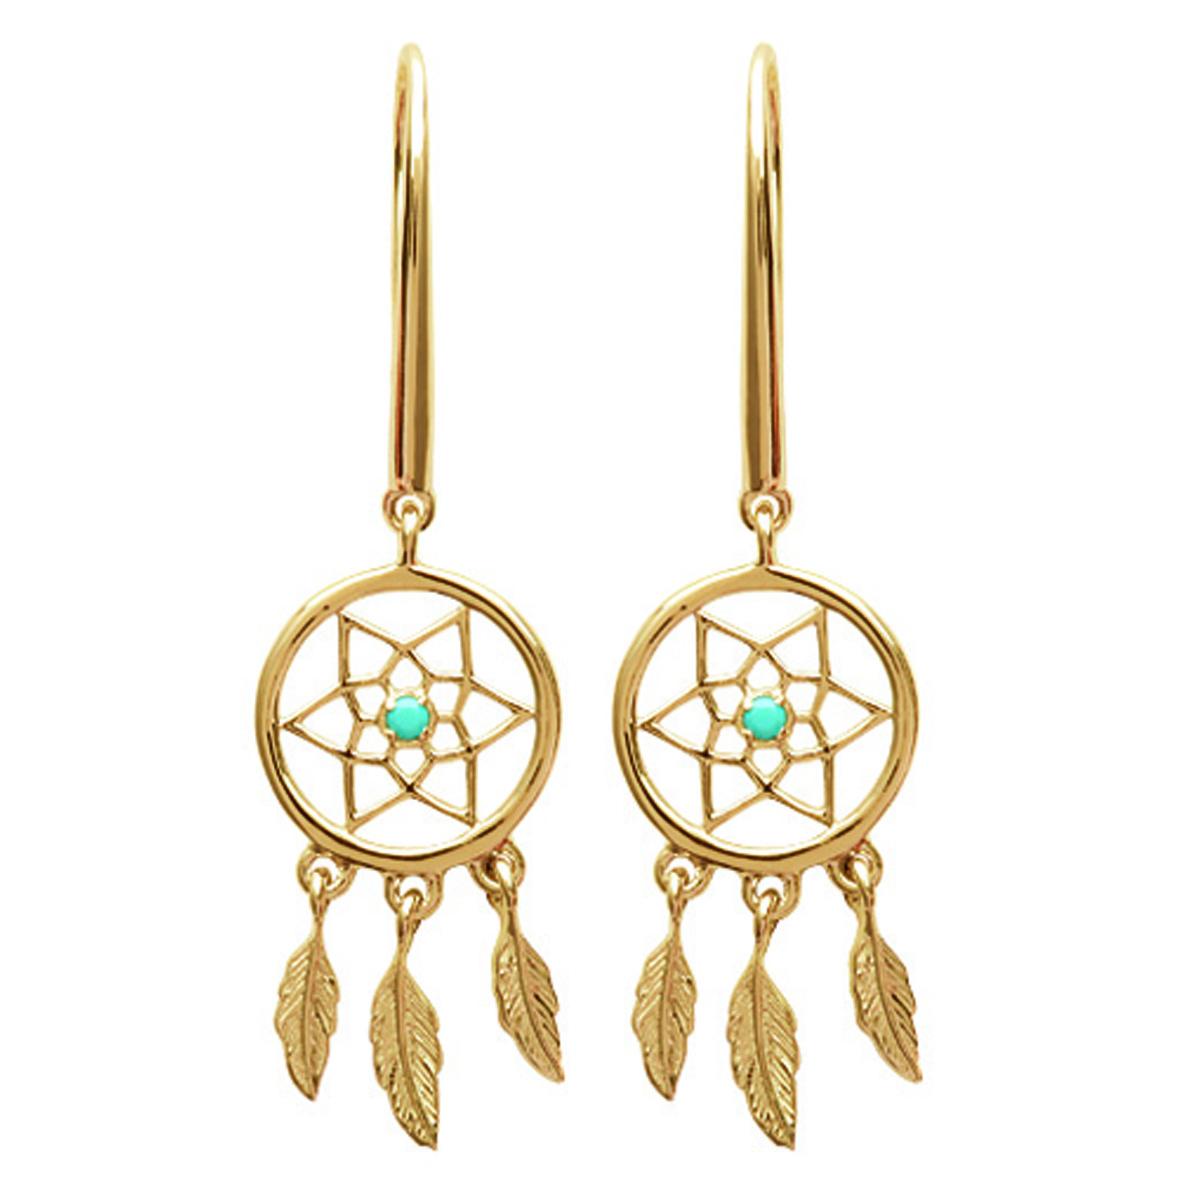 Boucles \'Navajos\' turquoise doré (dreamcatcher) - 20x10 mm - [N6984]